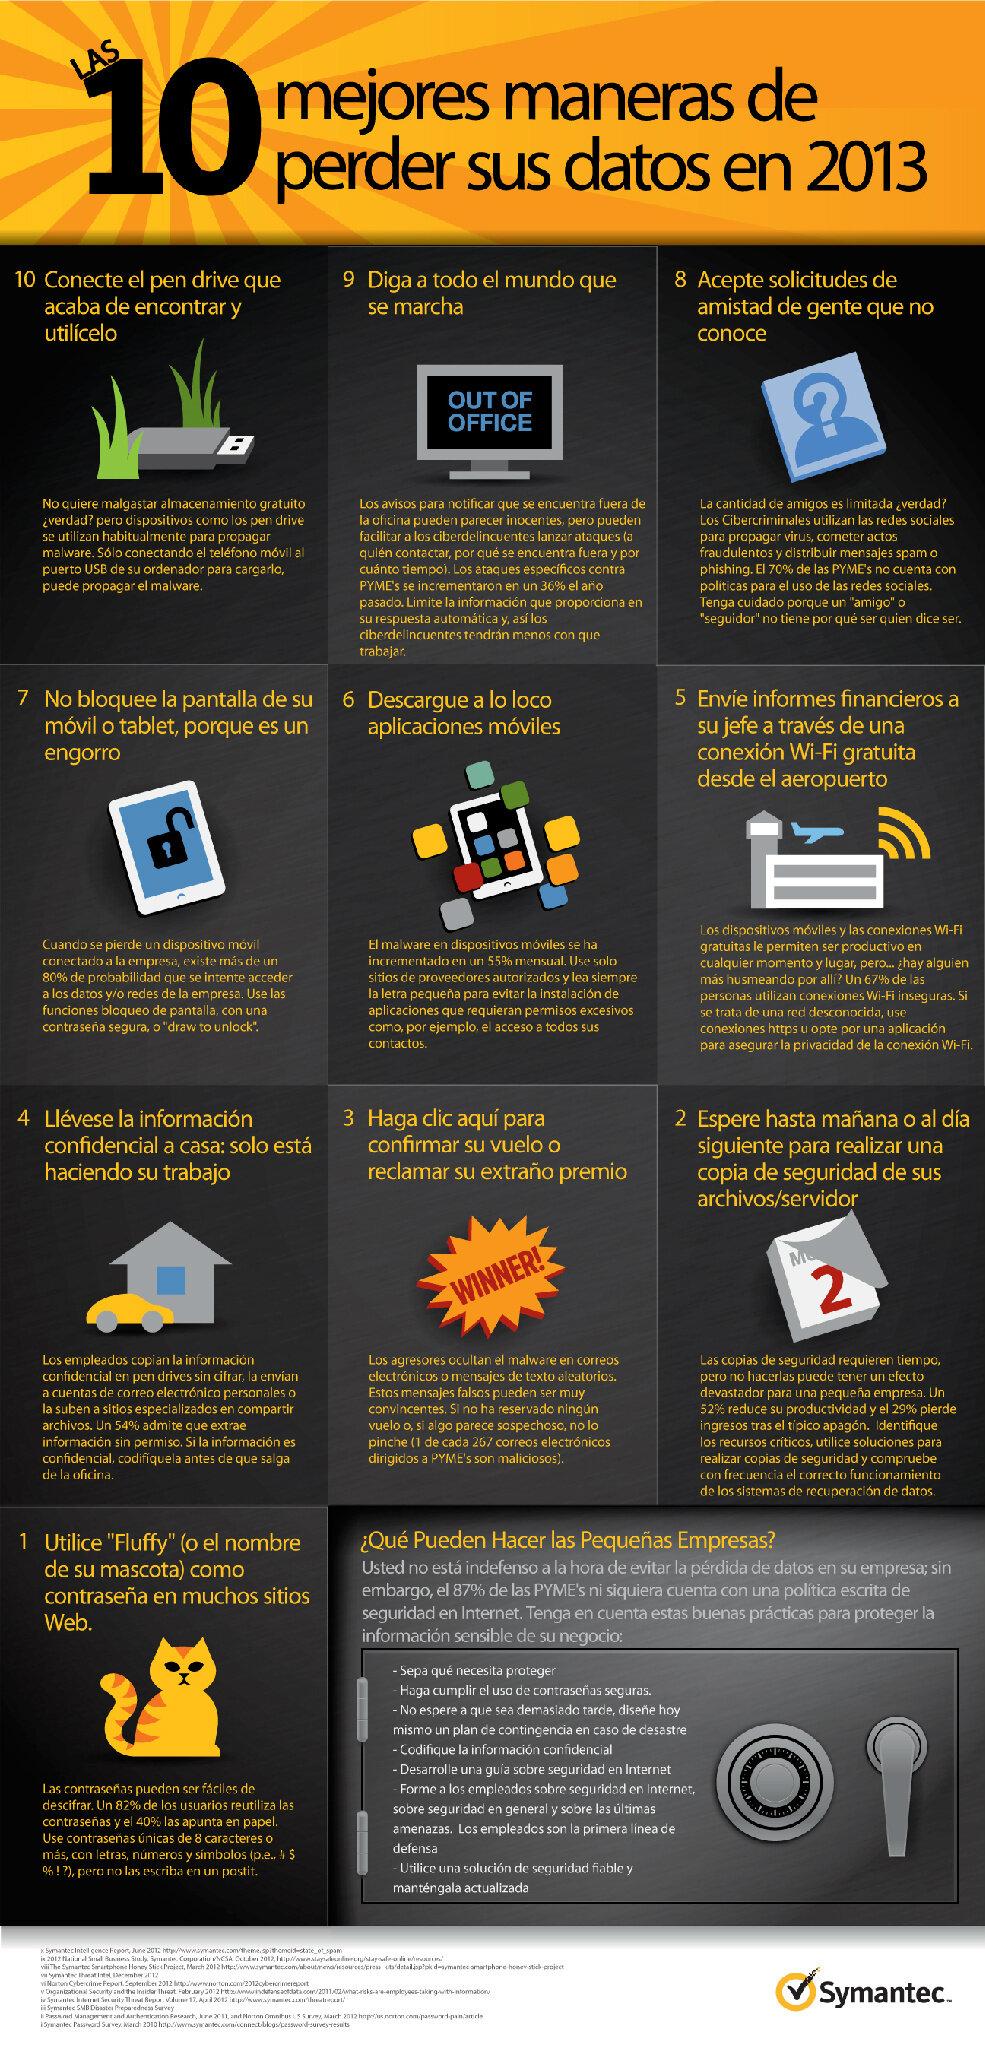 Las 10 mejores maneras de perder tus datos